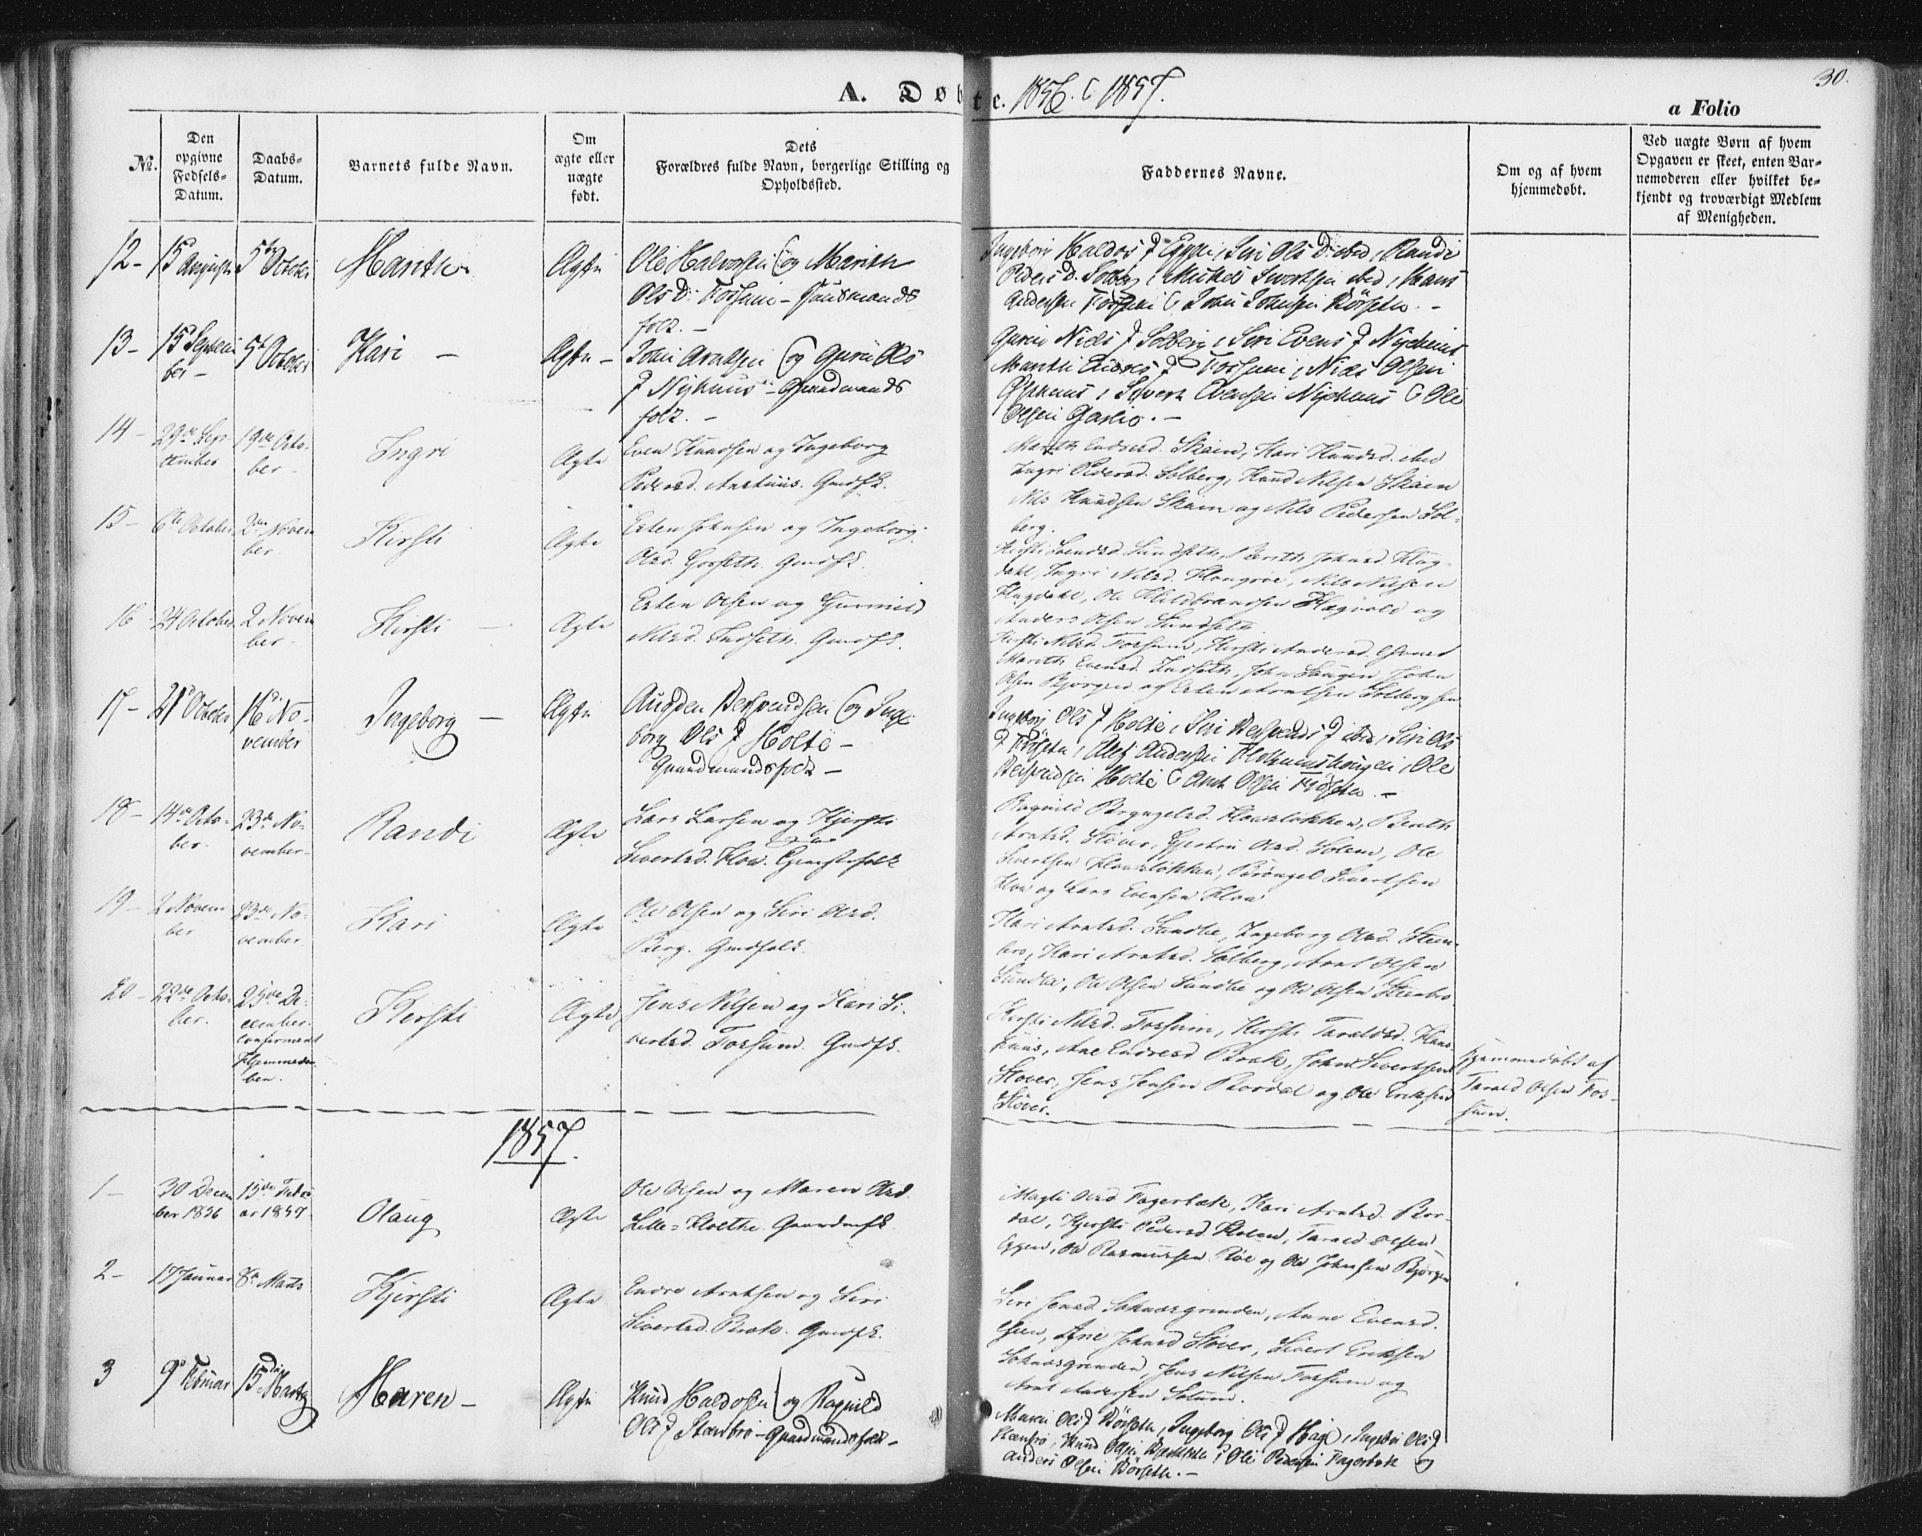 SAT, Ministerialprotokoller, klokkerbøker og fødselsregistre - Sør-Trøndelag, 689/L1038: Ministerialbok nr. 689A03, 1848-1872, s. 30